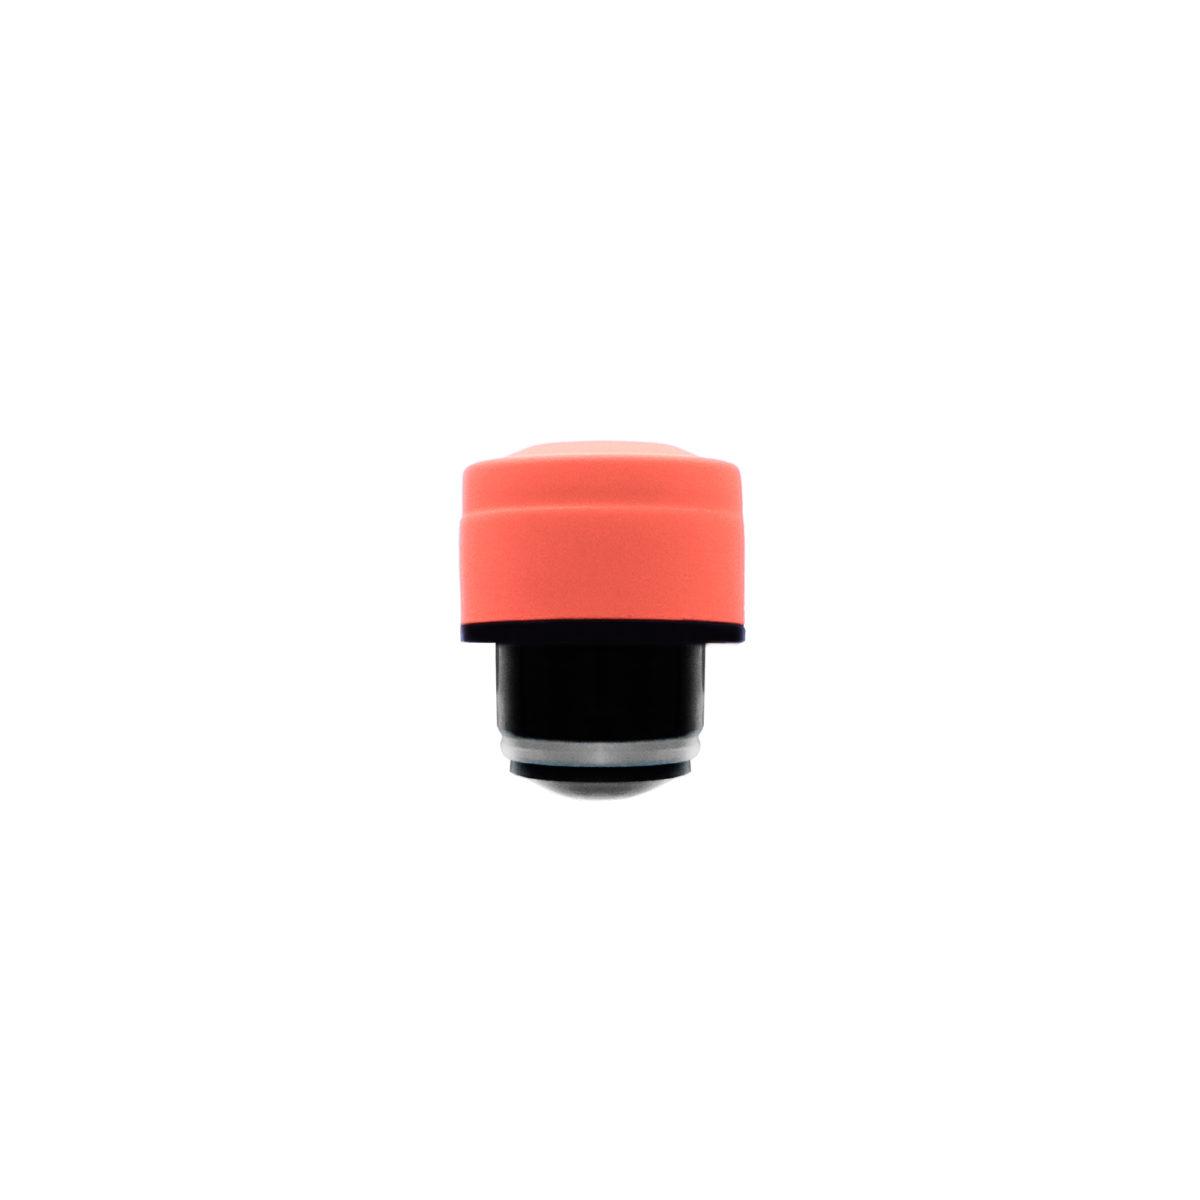 Tú botella de acero inoxidable - Tapón Pastel Coral 1